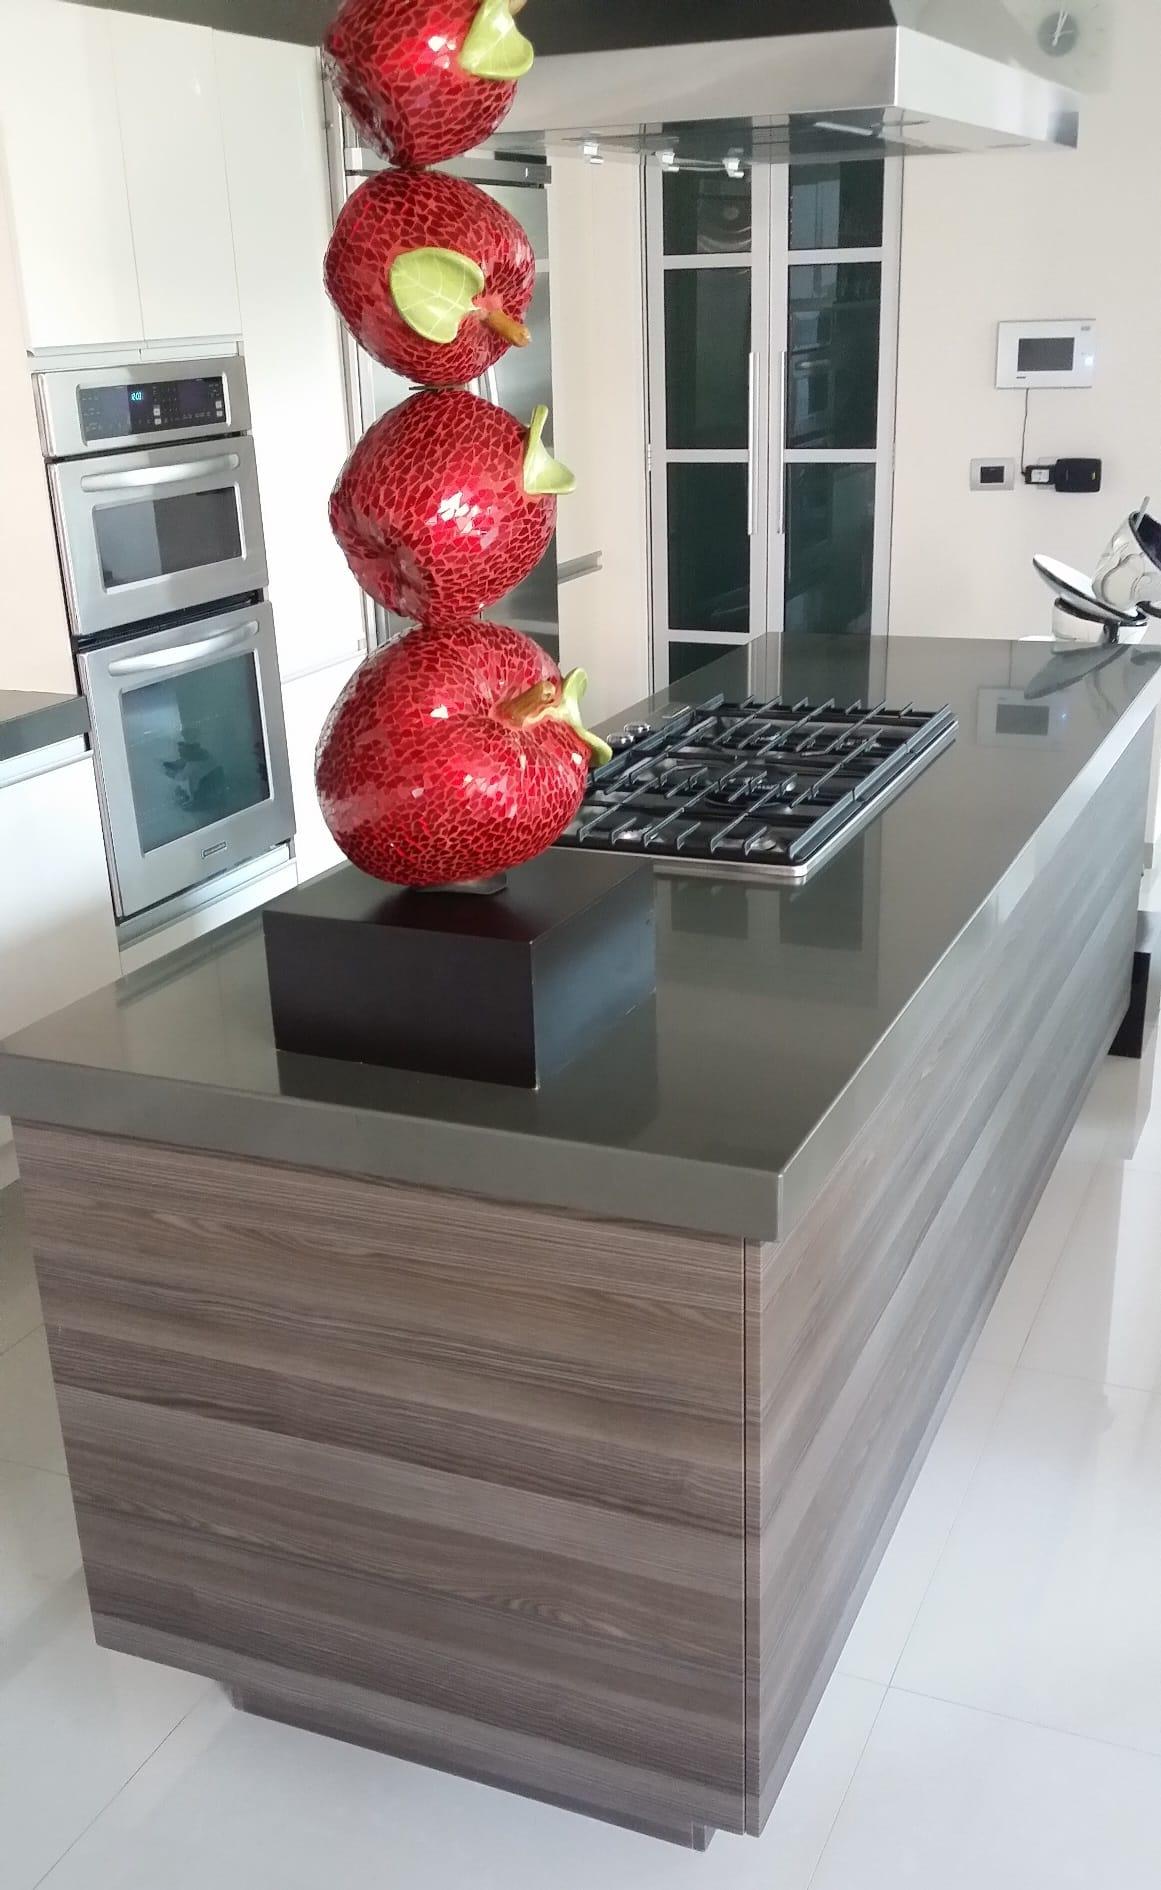 Cocina con isla en laminado y texturizado